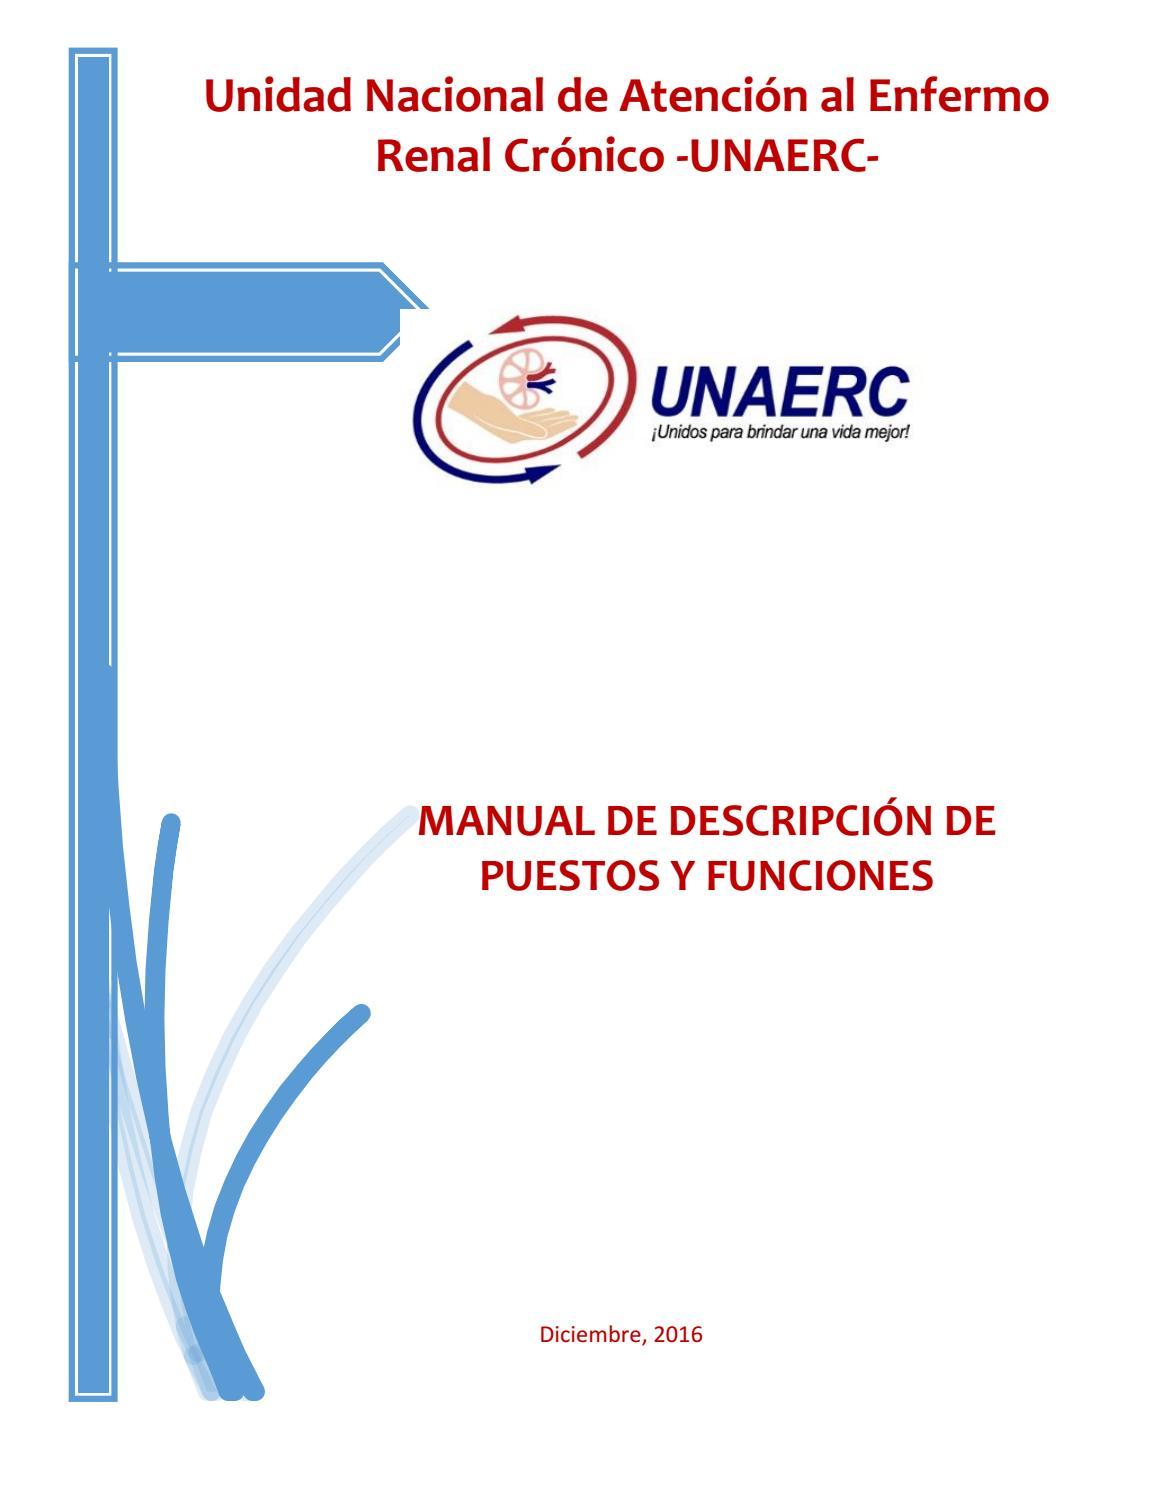 Manual de descripción de puestos y funciones sede regional de ...